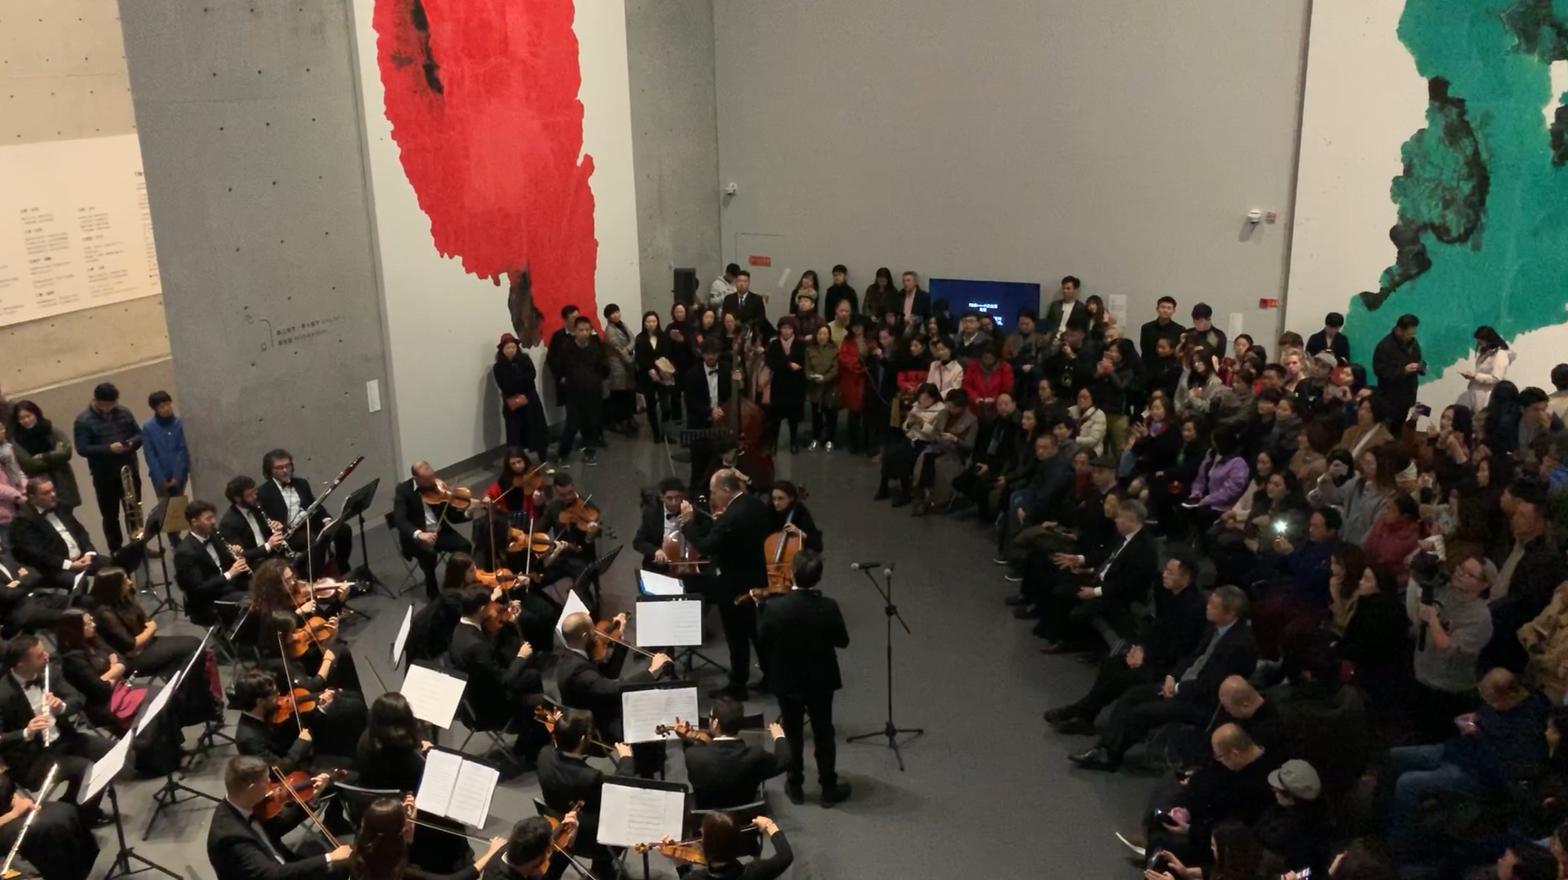 当东方抽象绘画邂逅意大利西西里爱乐乐团